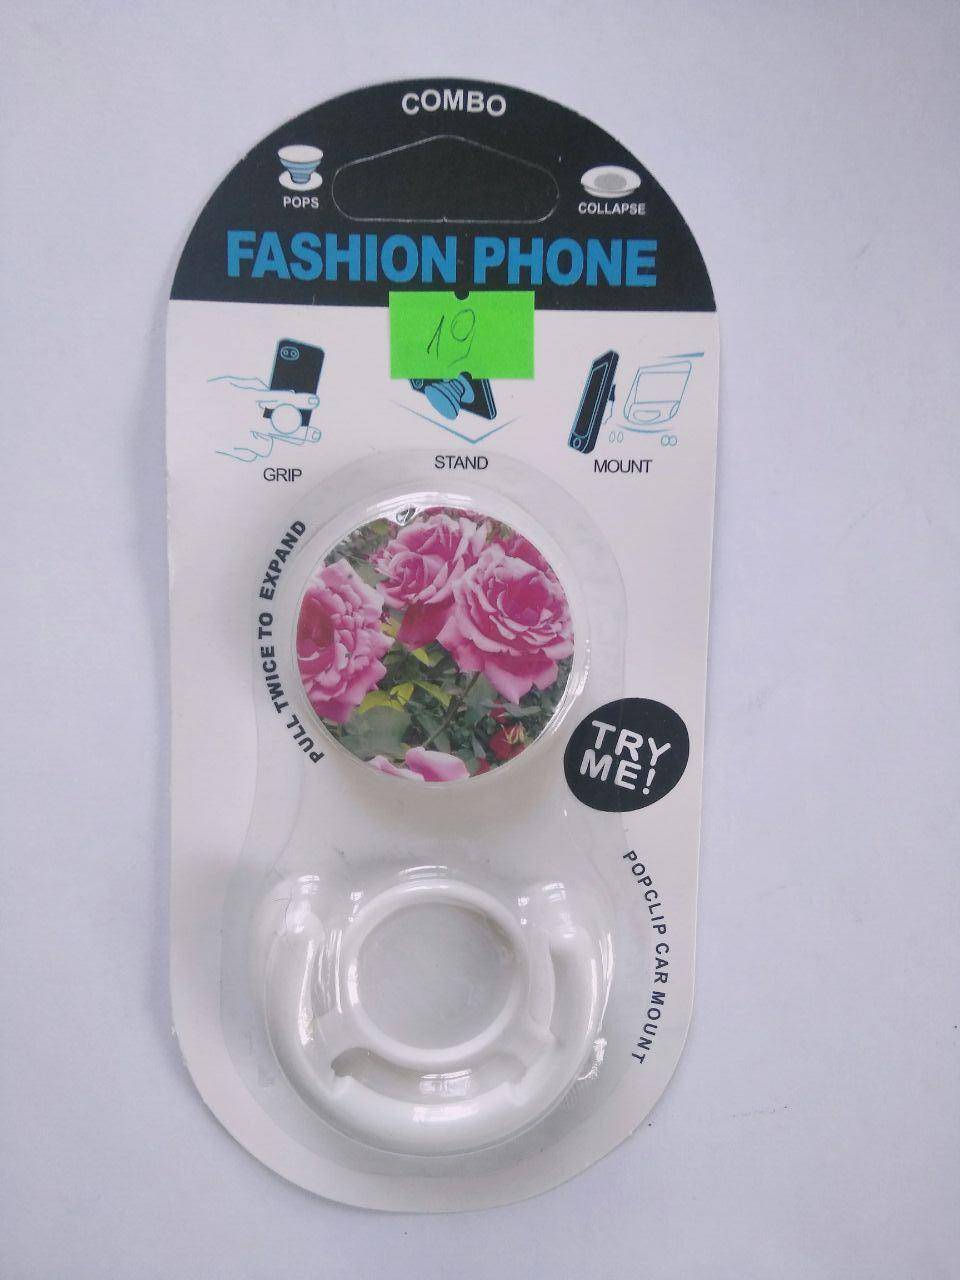 Держатель для телефона PopSocket попсокет+ PopClip в комплекте